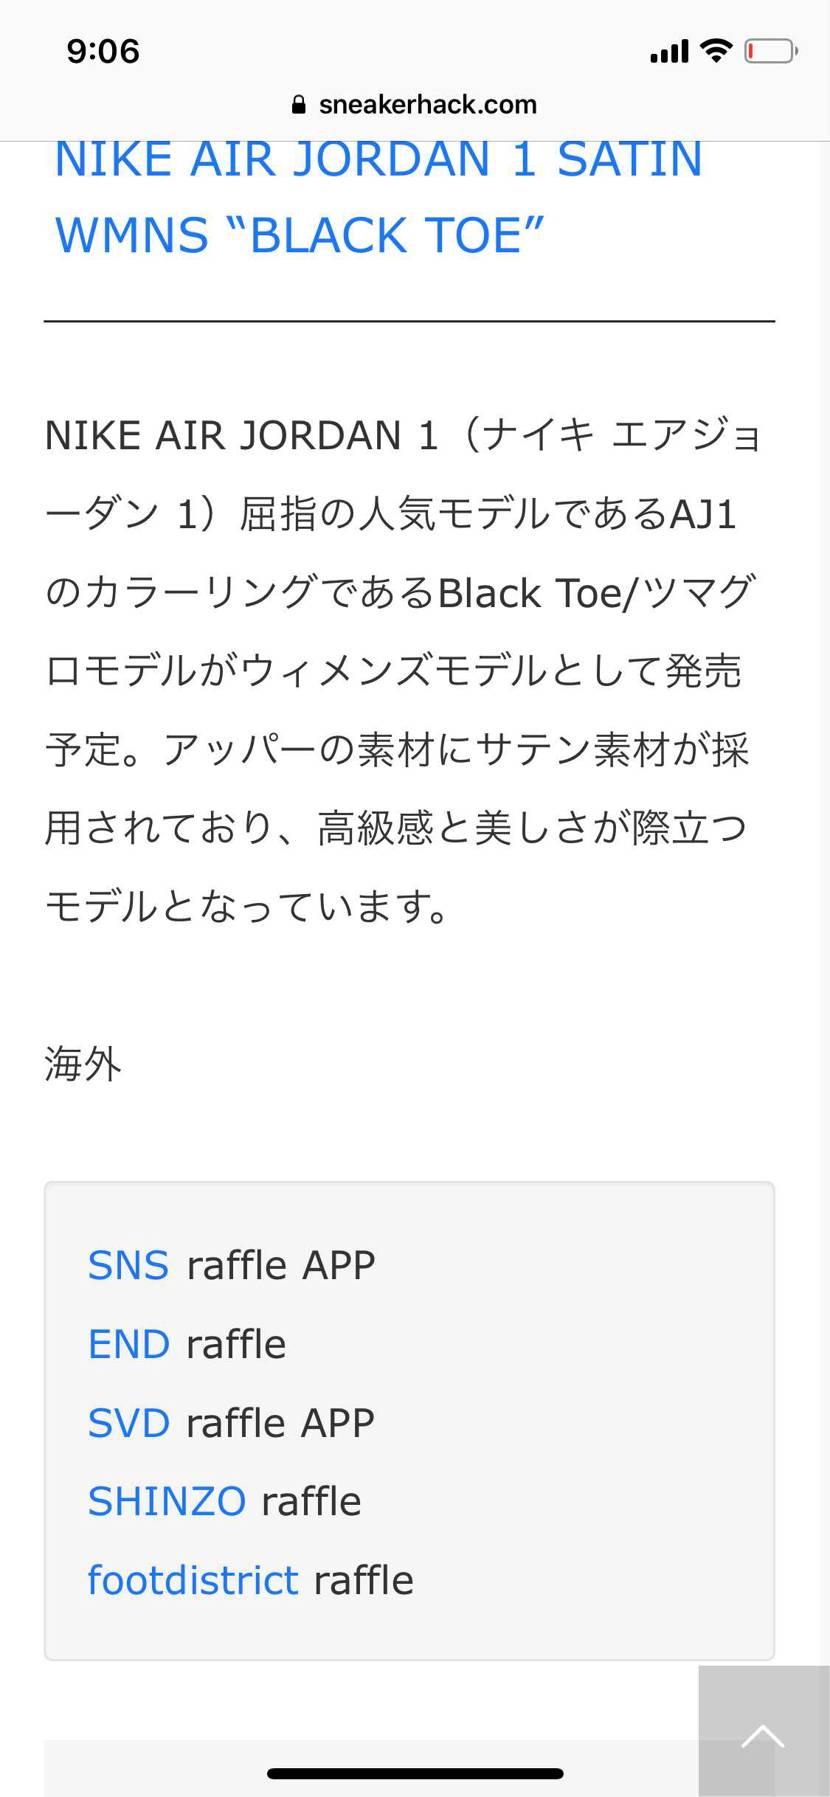 こちらの海外抽選は全て日本発送可能ですか??